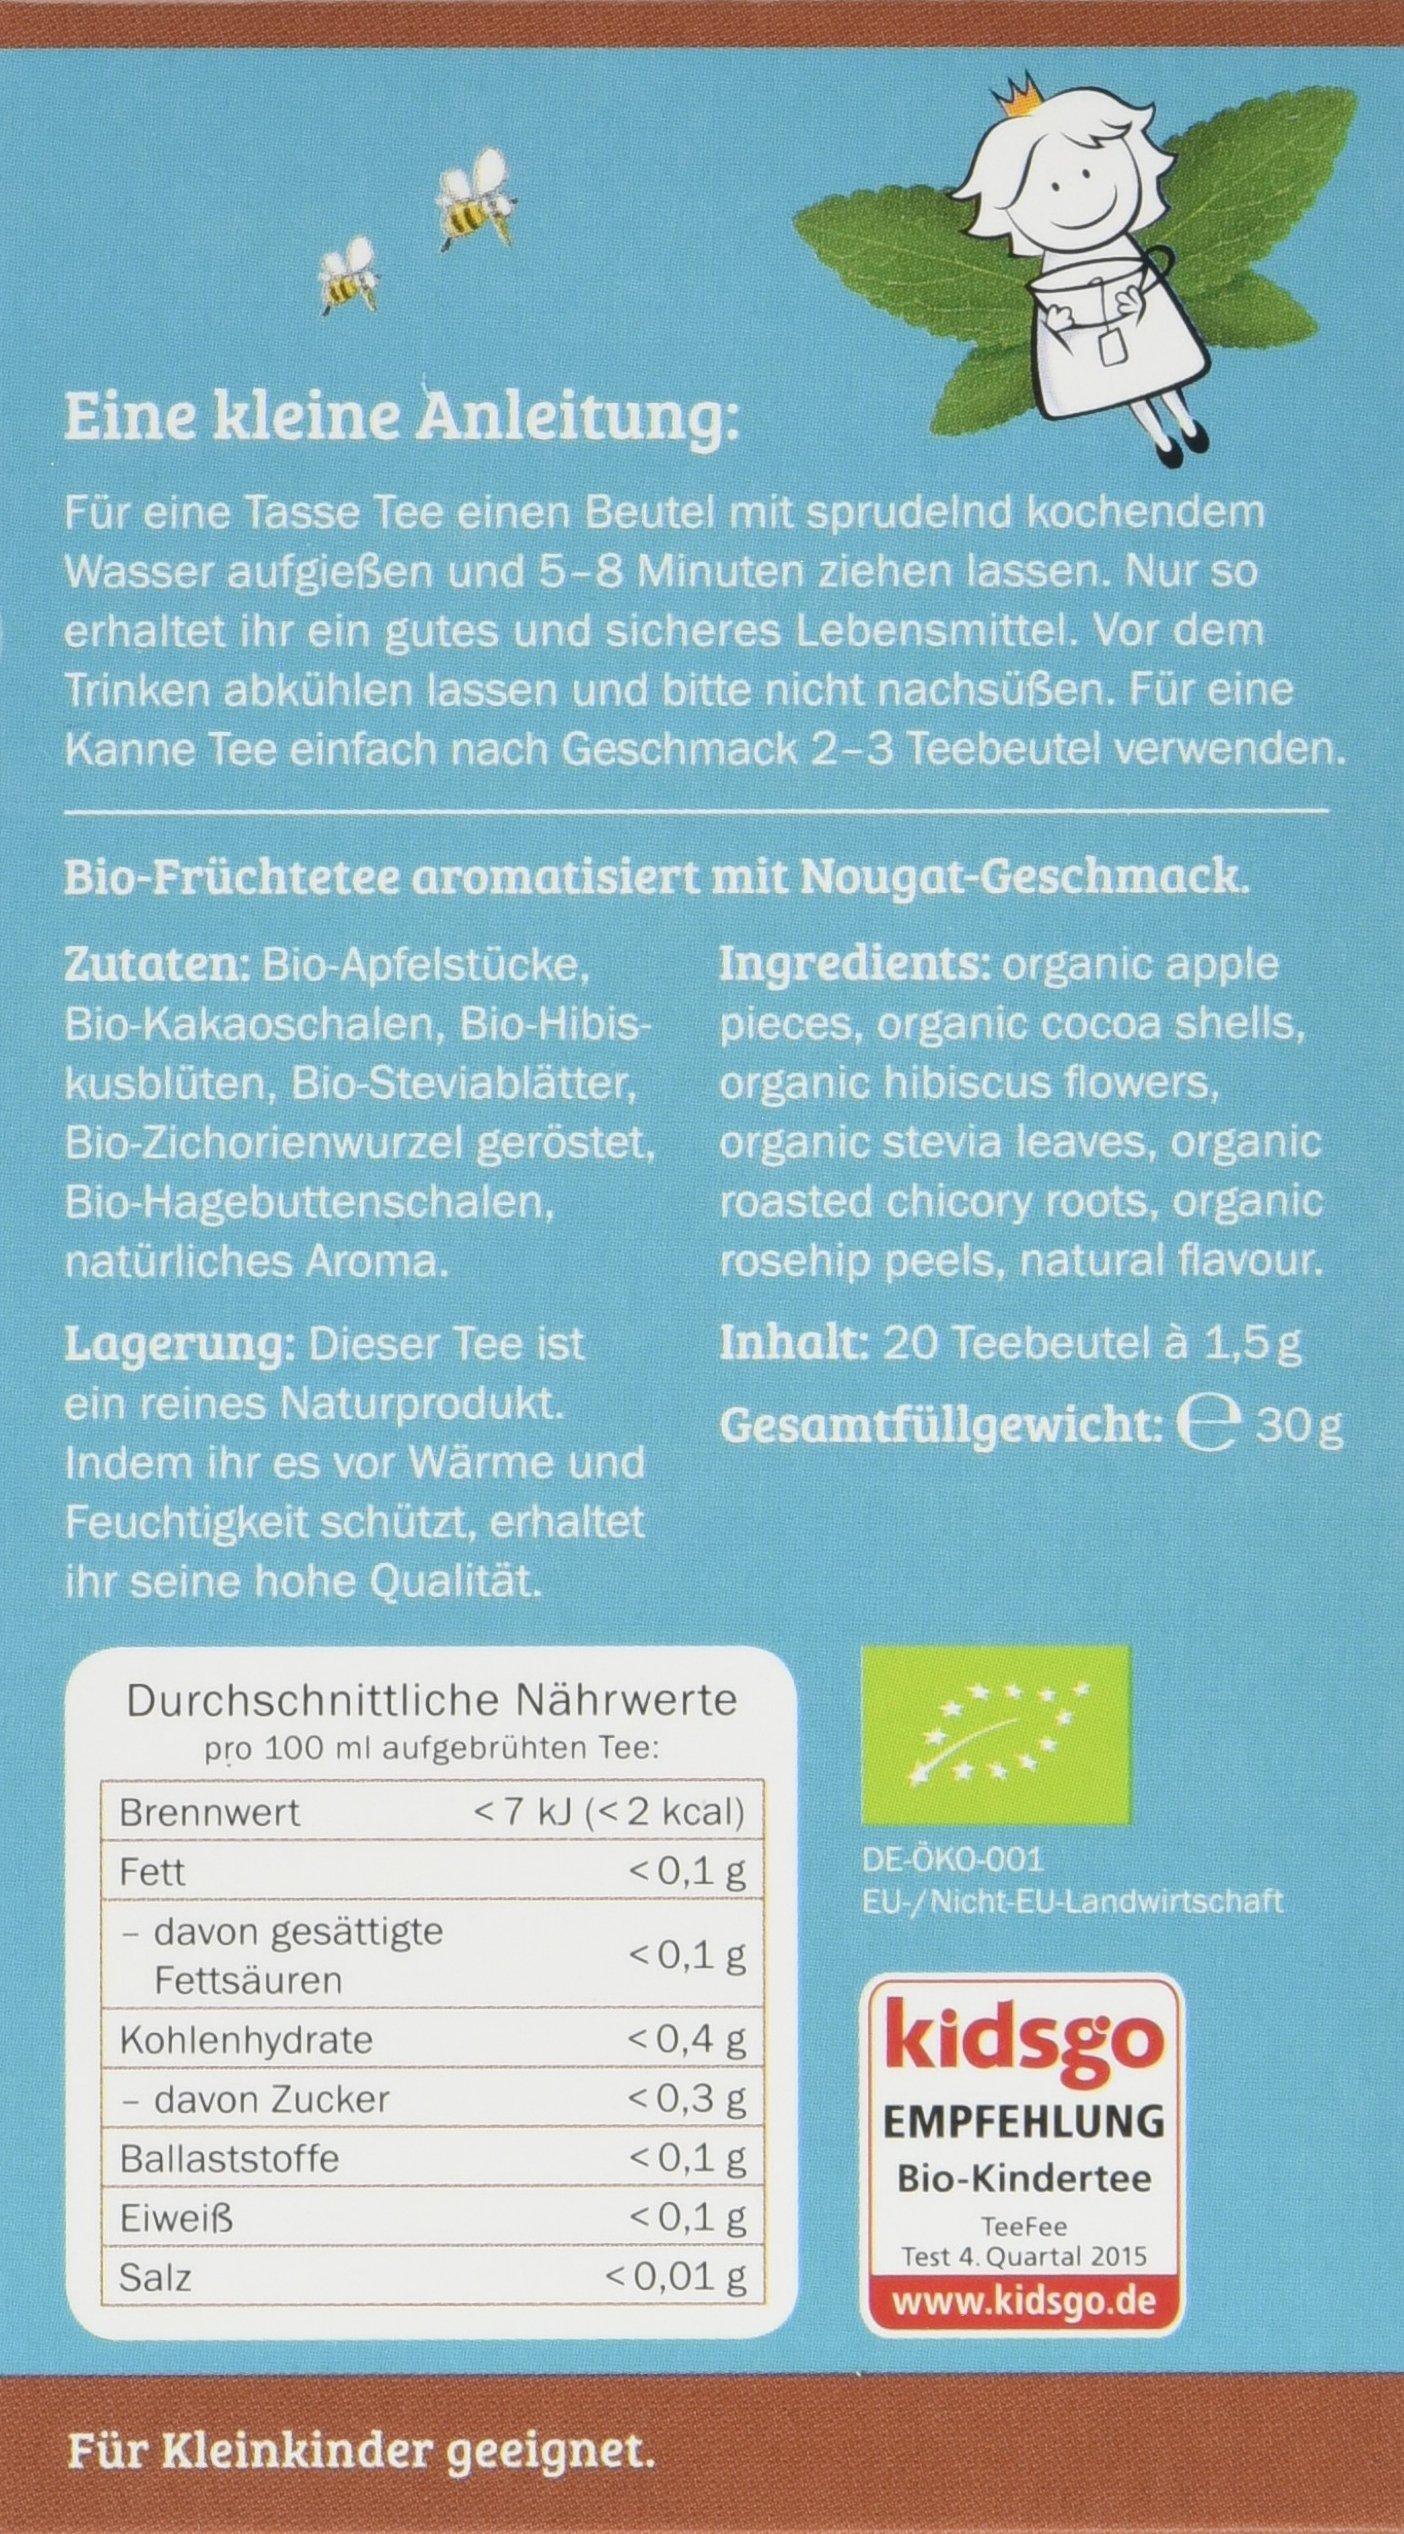 TeeFee-Bio-Frchtetee-mit-Cakepop-Geschmack-5er-Pack-5-x-20-Teebeutel-15g-zuckerfrei-und-ohne-Kalorien-Nachtisch-Tee